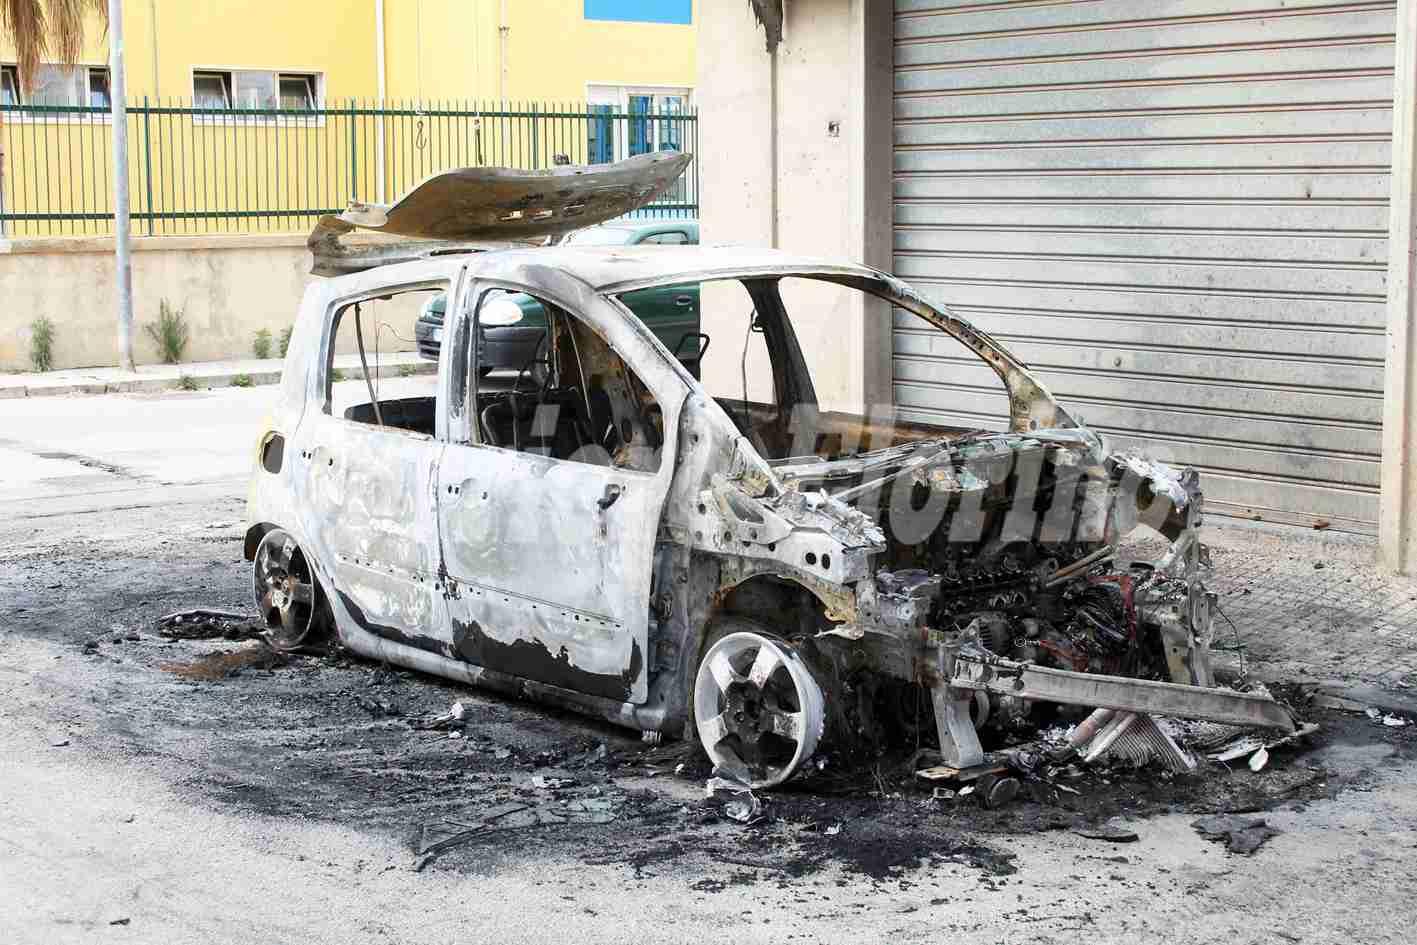 Le bruciano due auto in un anno, indagano i Carabinieri